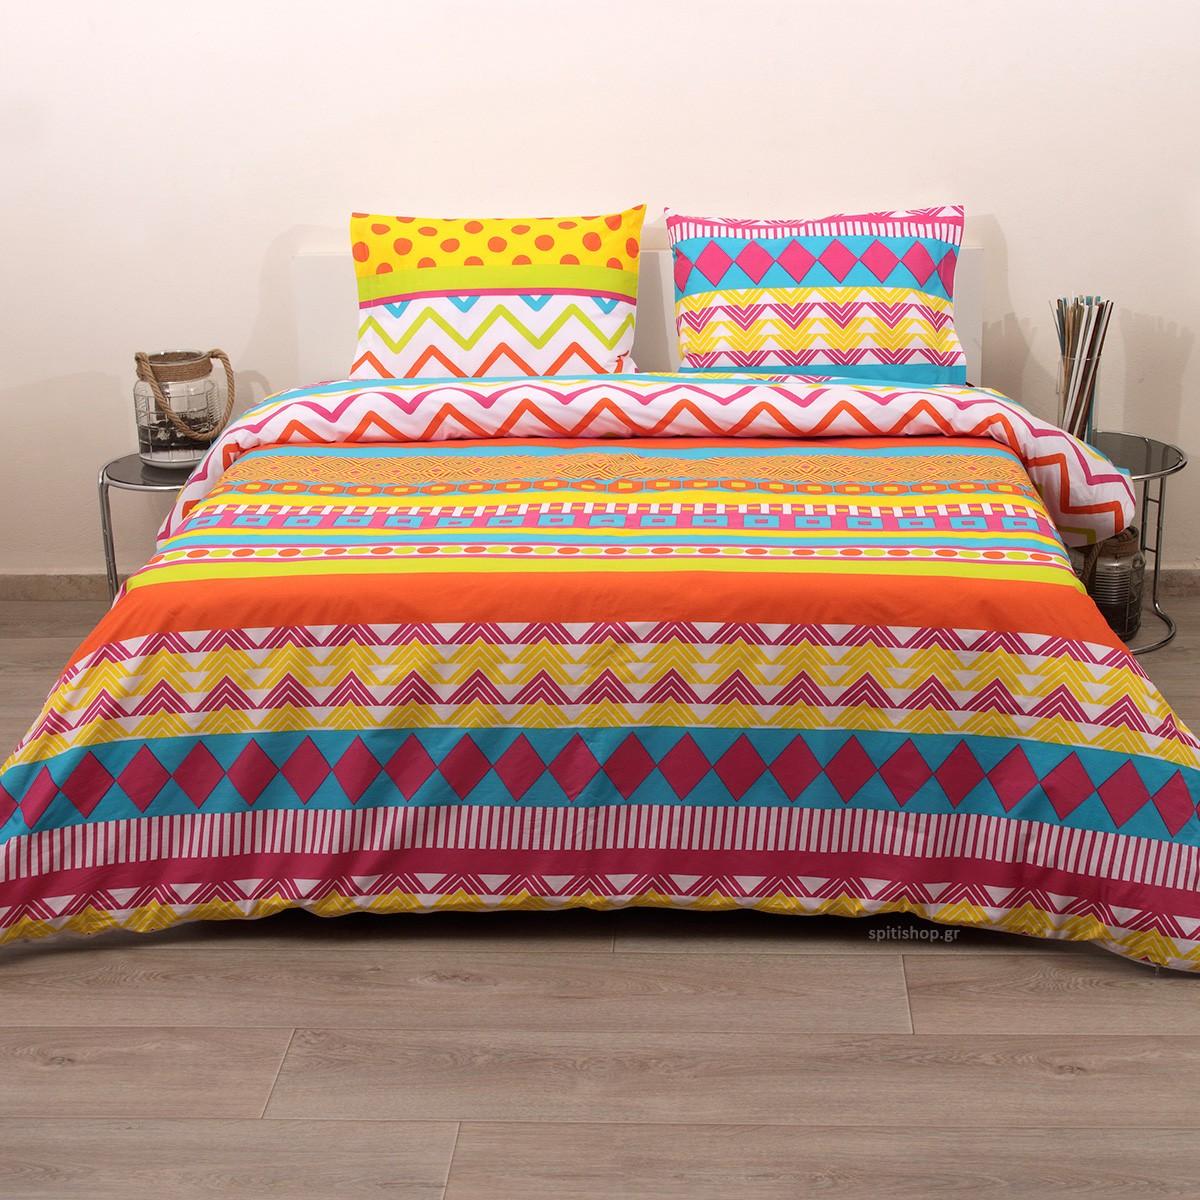 Κουβερλί Ημίδιπλο (Σετ) Viopros Fresh Τζίντζερ home   κρεβατοκάμαρα   κουβερλί   κουβερλί ημίδιπλα   διπλά